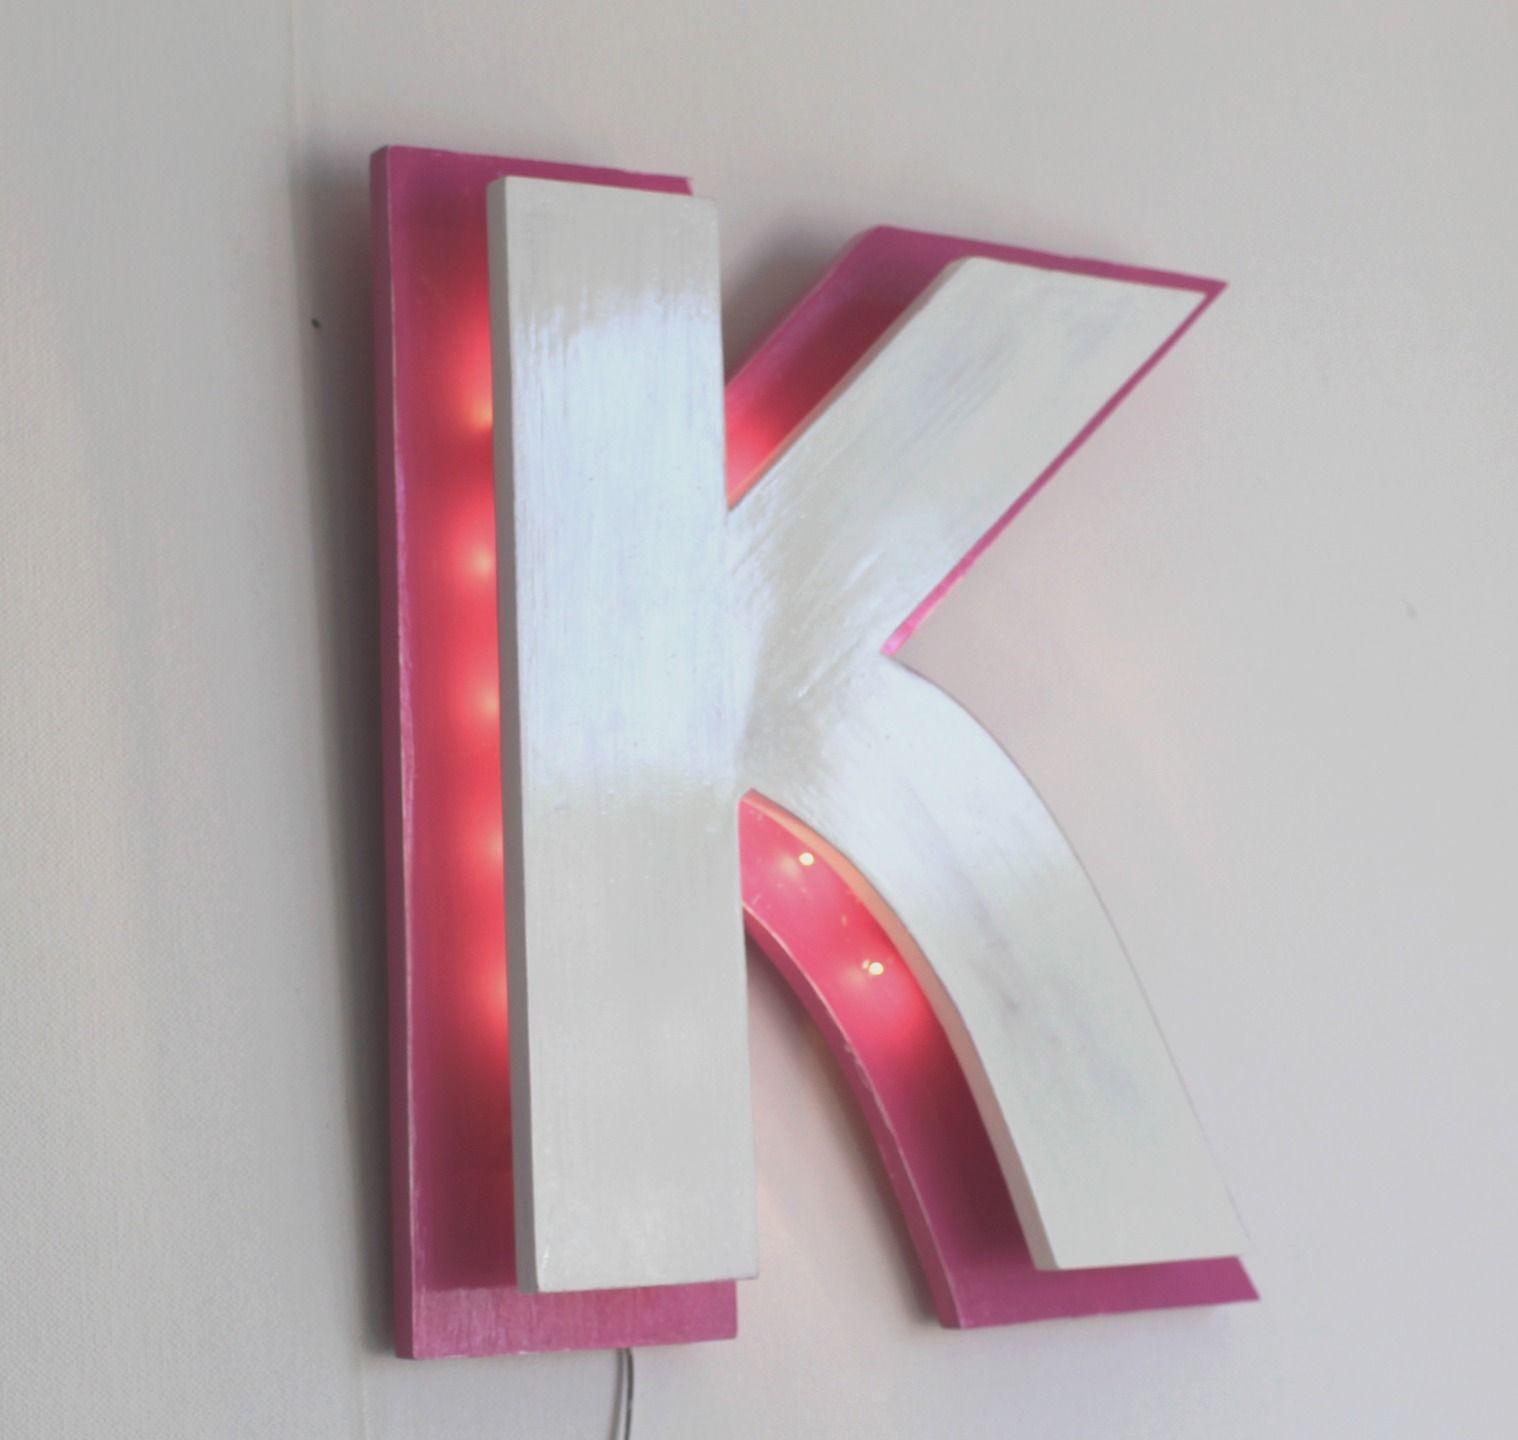 lettre lumineuse en bois rose et blanche patiné K style enseigne ...